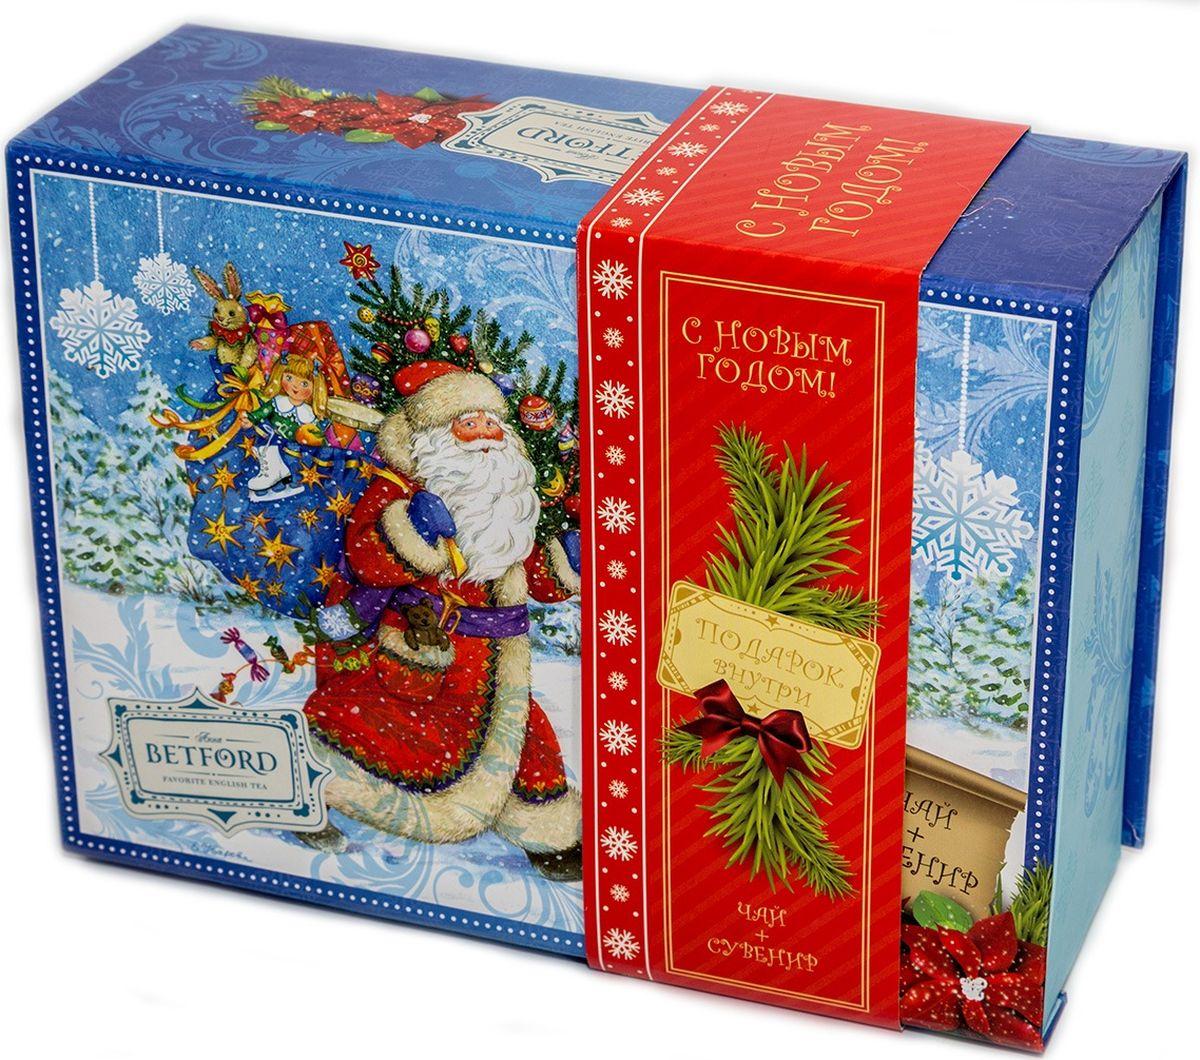 Betford Новогодний подарок набор чай черный крупнолистовой с игрушкой, 100 г4792021030994Оранж пекое - (ОР) – как правило, указывает, что чай приготовлен из двух верхних молодых листочков, покрытых нежным пушком (т.е. очень молодой, нежный лист чая). Цельный скрученный лист. Чай имеет крепкий настой и приятный аромат, который варьируется в зависимости от места произрастания. ОР – Оранж, так стали называть лучшие сорта чая голландцы в 16 веке, в честь правящей тогда династии принцев Оранских. Пеко, происходит от китайского пакхо, что означает волосы младенца, то есть нежный лист чая… Крупнолистовой чай с крепким настоем.Состав: чай черный байховый цейлонский стандарт ОР.Сорт: высший, стандарт ОР.Производитель : Шри Ланка.Срок годности: 36 месяцев с даты изготовления.Фасовка: ж/б, 100 г. + в каждой коробке игрушкаВ коробке: 12 шт.Всё о чае: сорта, факты, советы по выбору и употреблению. Статья OZON Гид